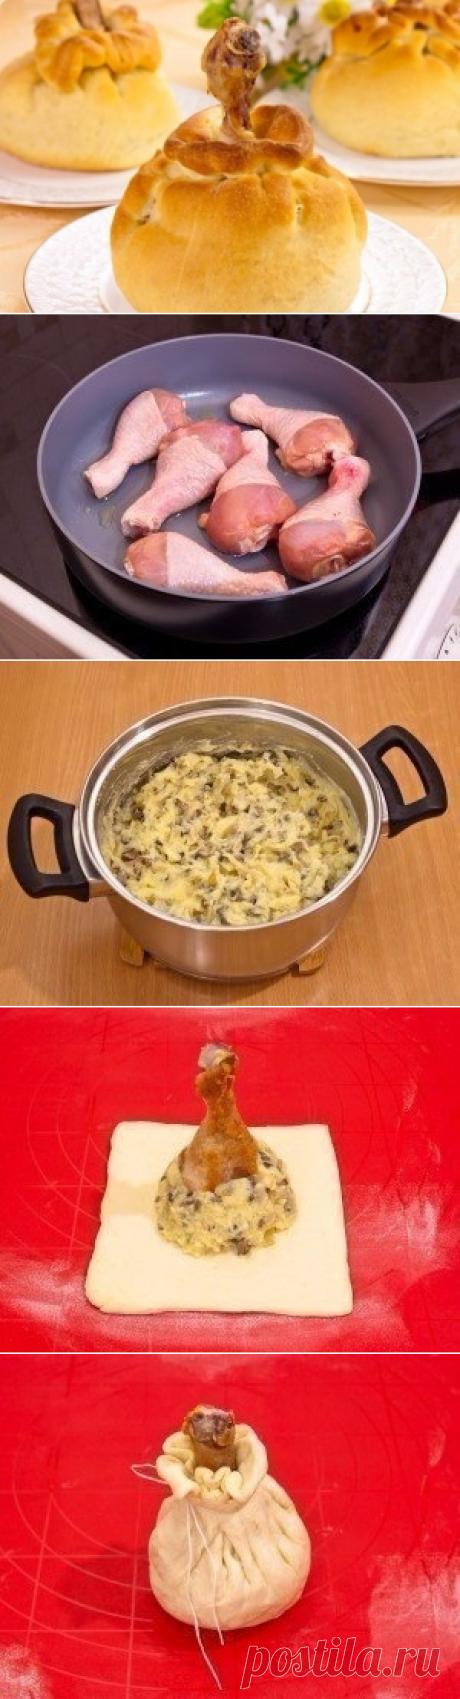 Как приготовить куриные ножки в мешочке - рецепт, ингридиенты и фотографии